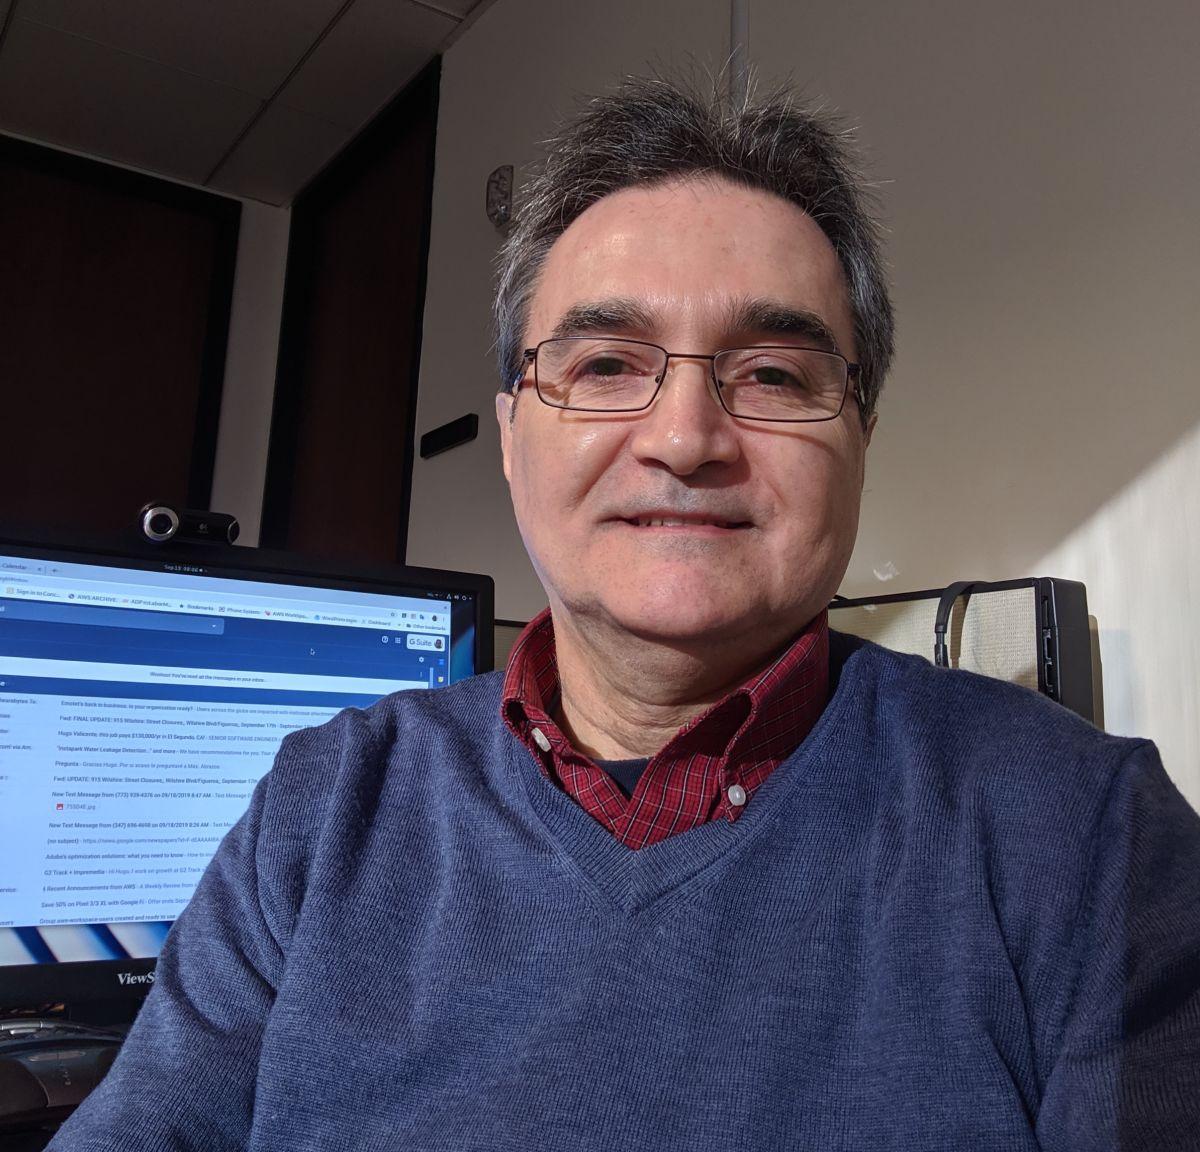 Hugo Valicente deja La Opinión tras 34 años de dedicación y trabajo duro